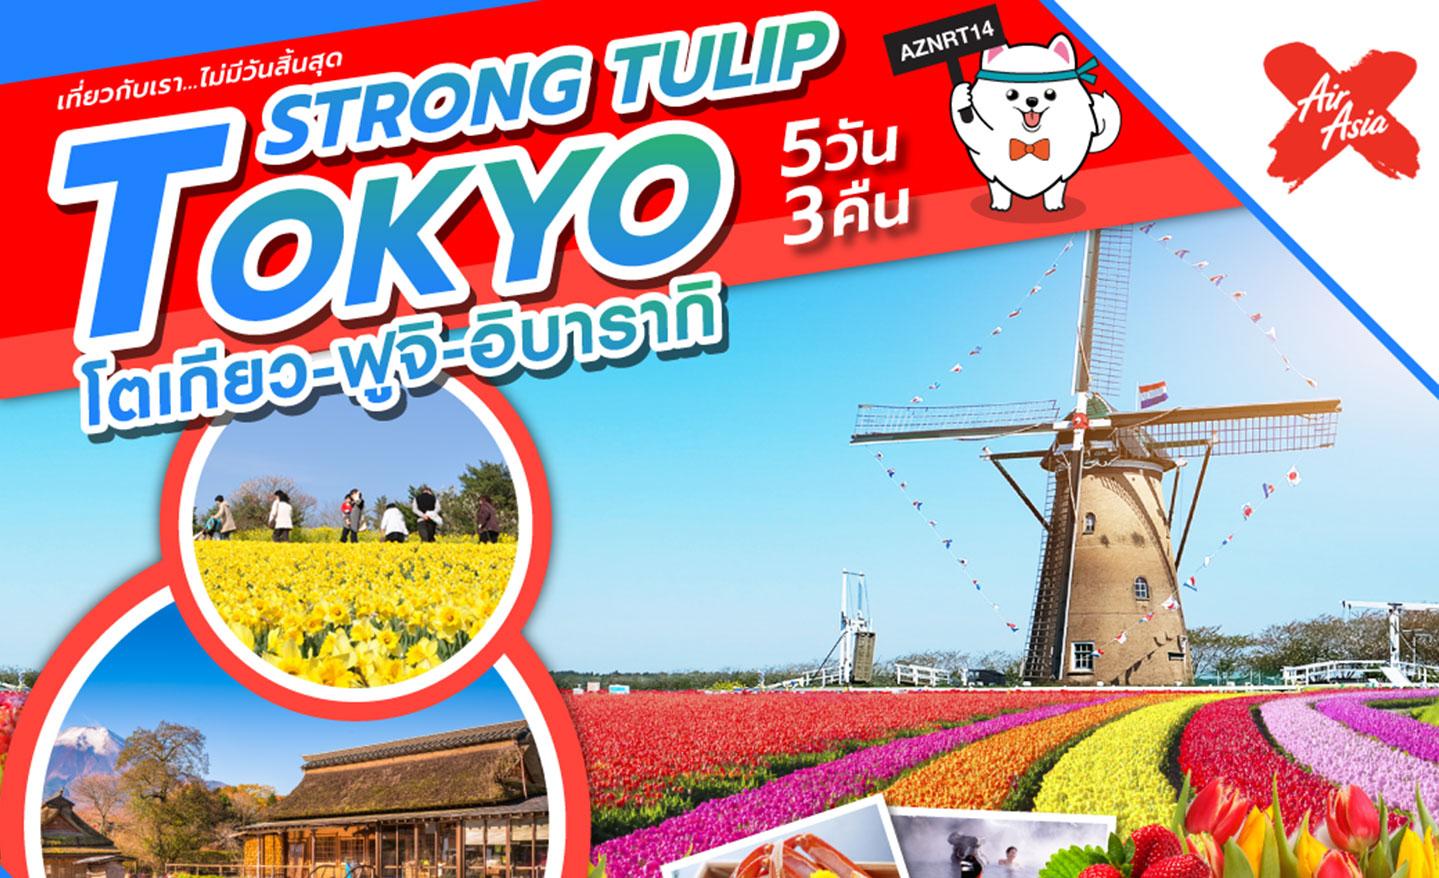 ทัวร์ญี่ปุ่น Strong Tulip Tokyo (พีเรียดสงกรานต์62)